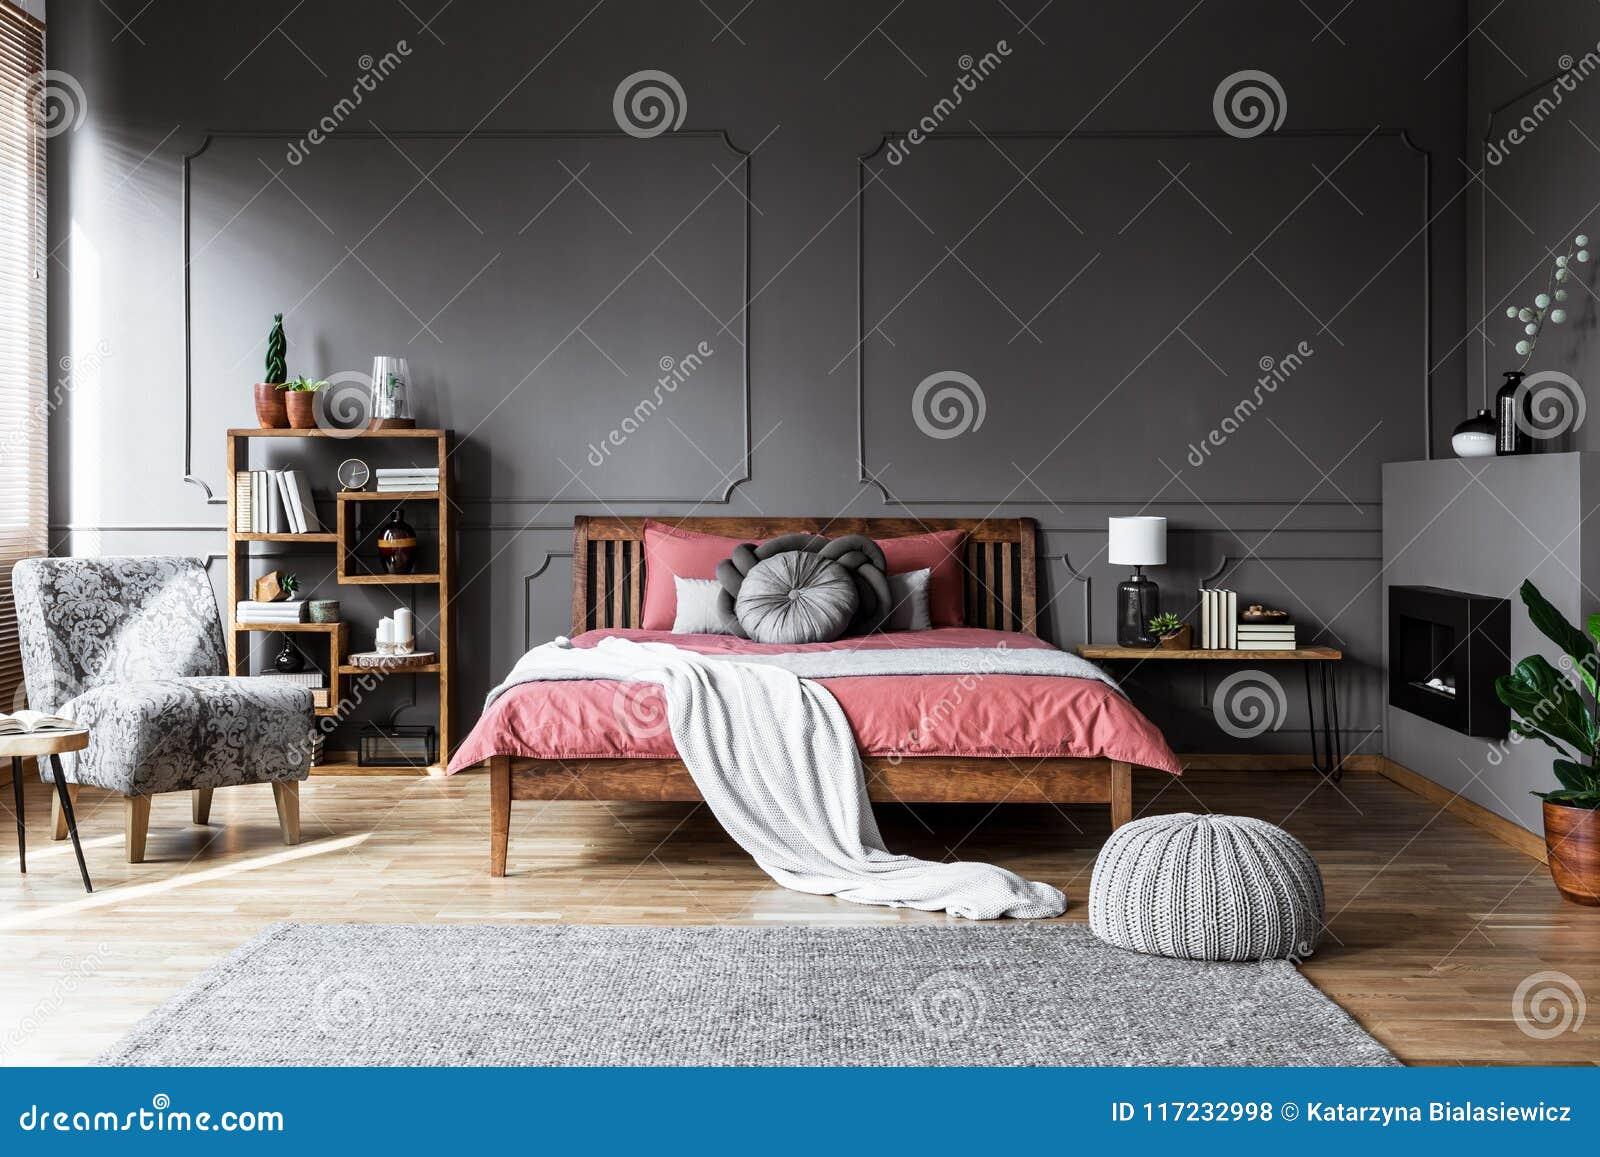 Echte foto van een comfortabel slaapkamerbinnenland met houten bed in medio